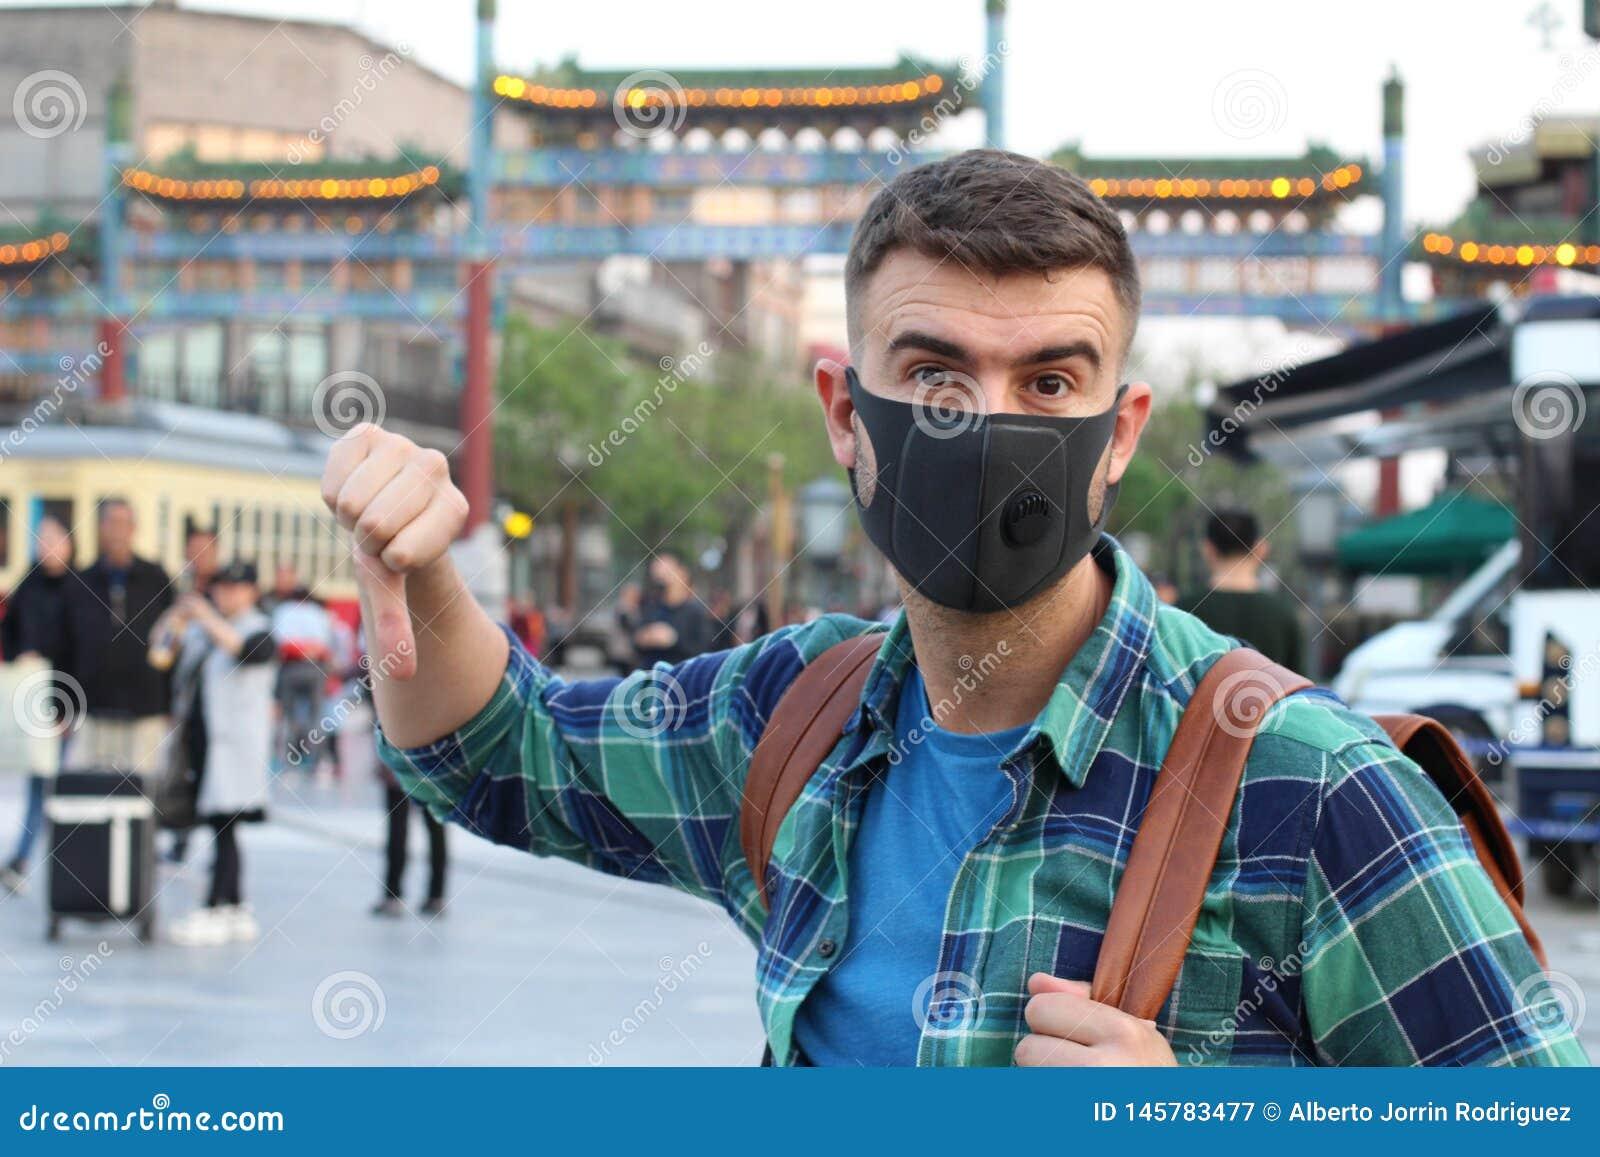 Καυκάσιος τουρίστας που χρησιμοποιεί τη μάσκα ρύπανσης στην Ασία